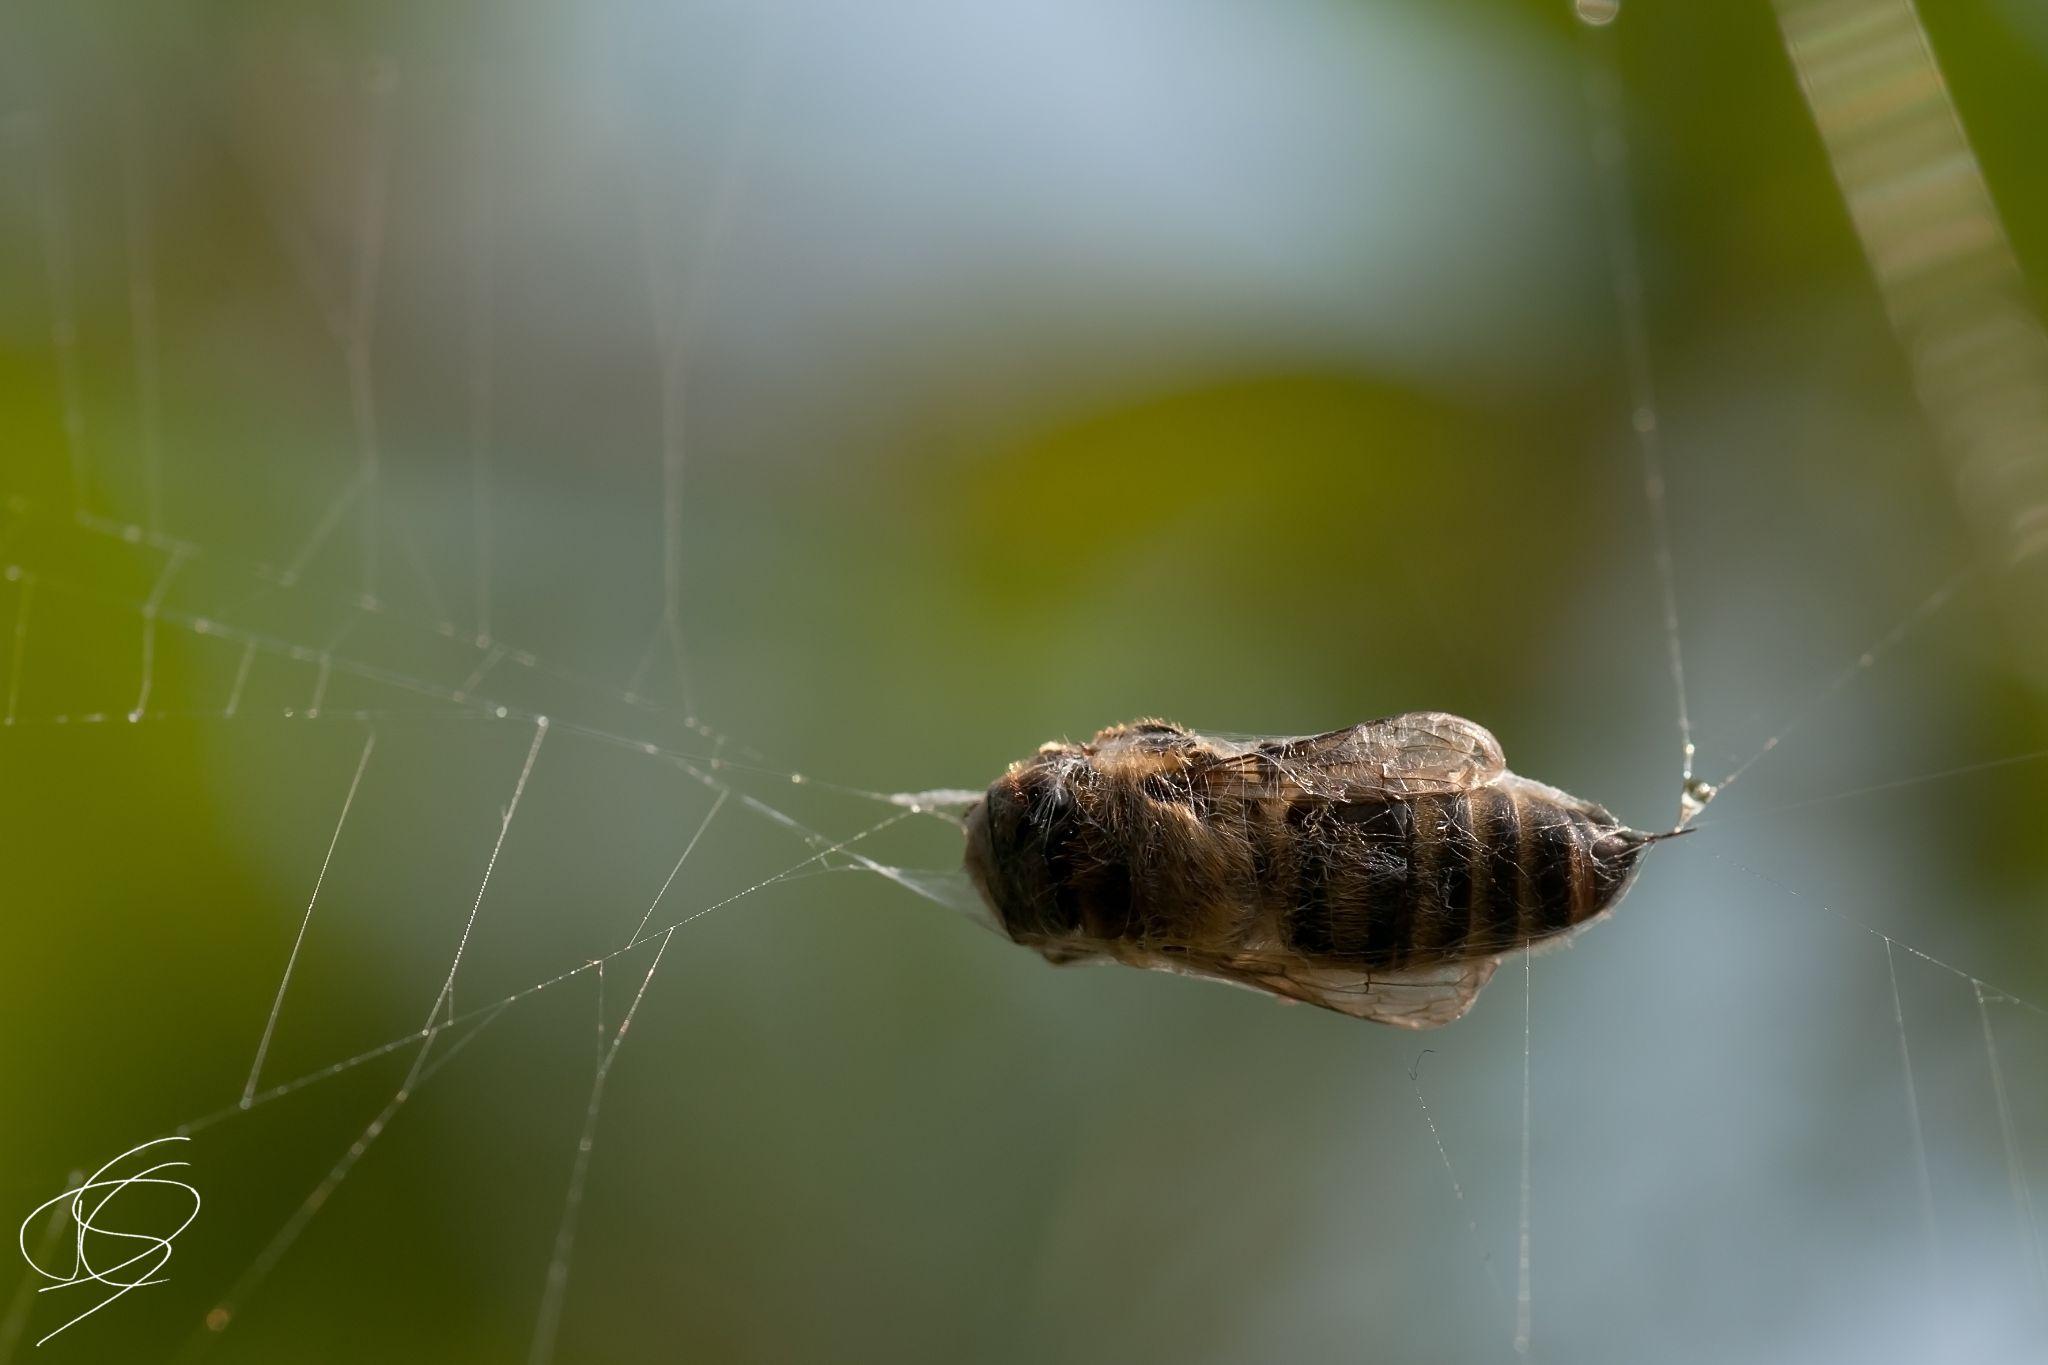 Spider web v.s. bee by Daniël Schuiling